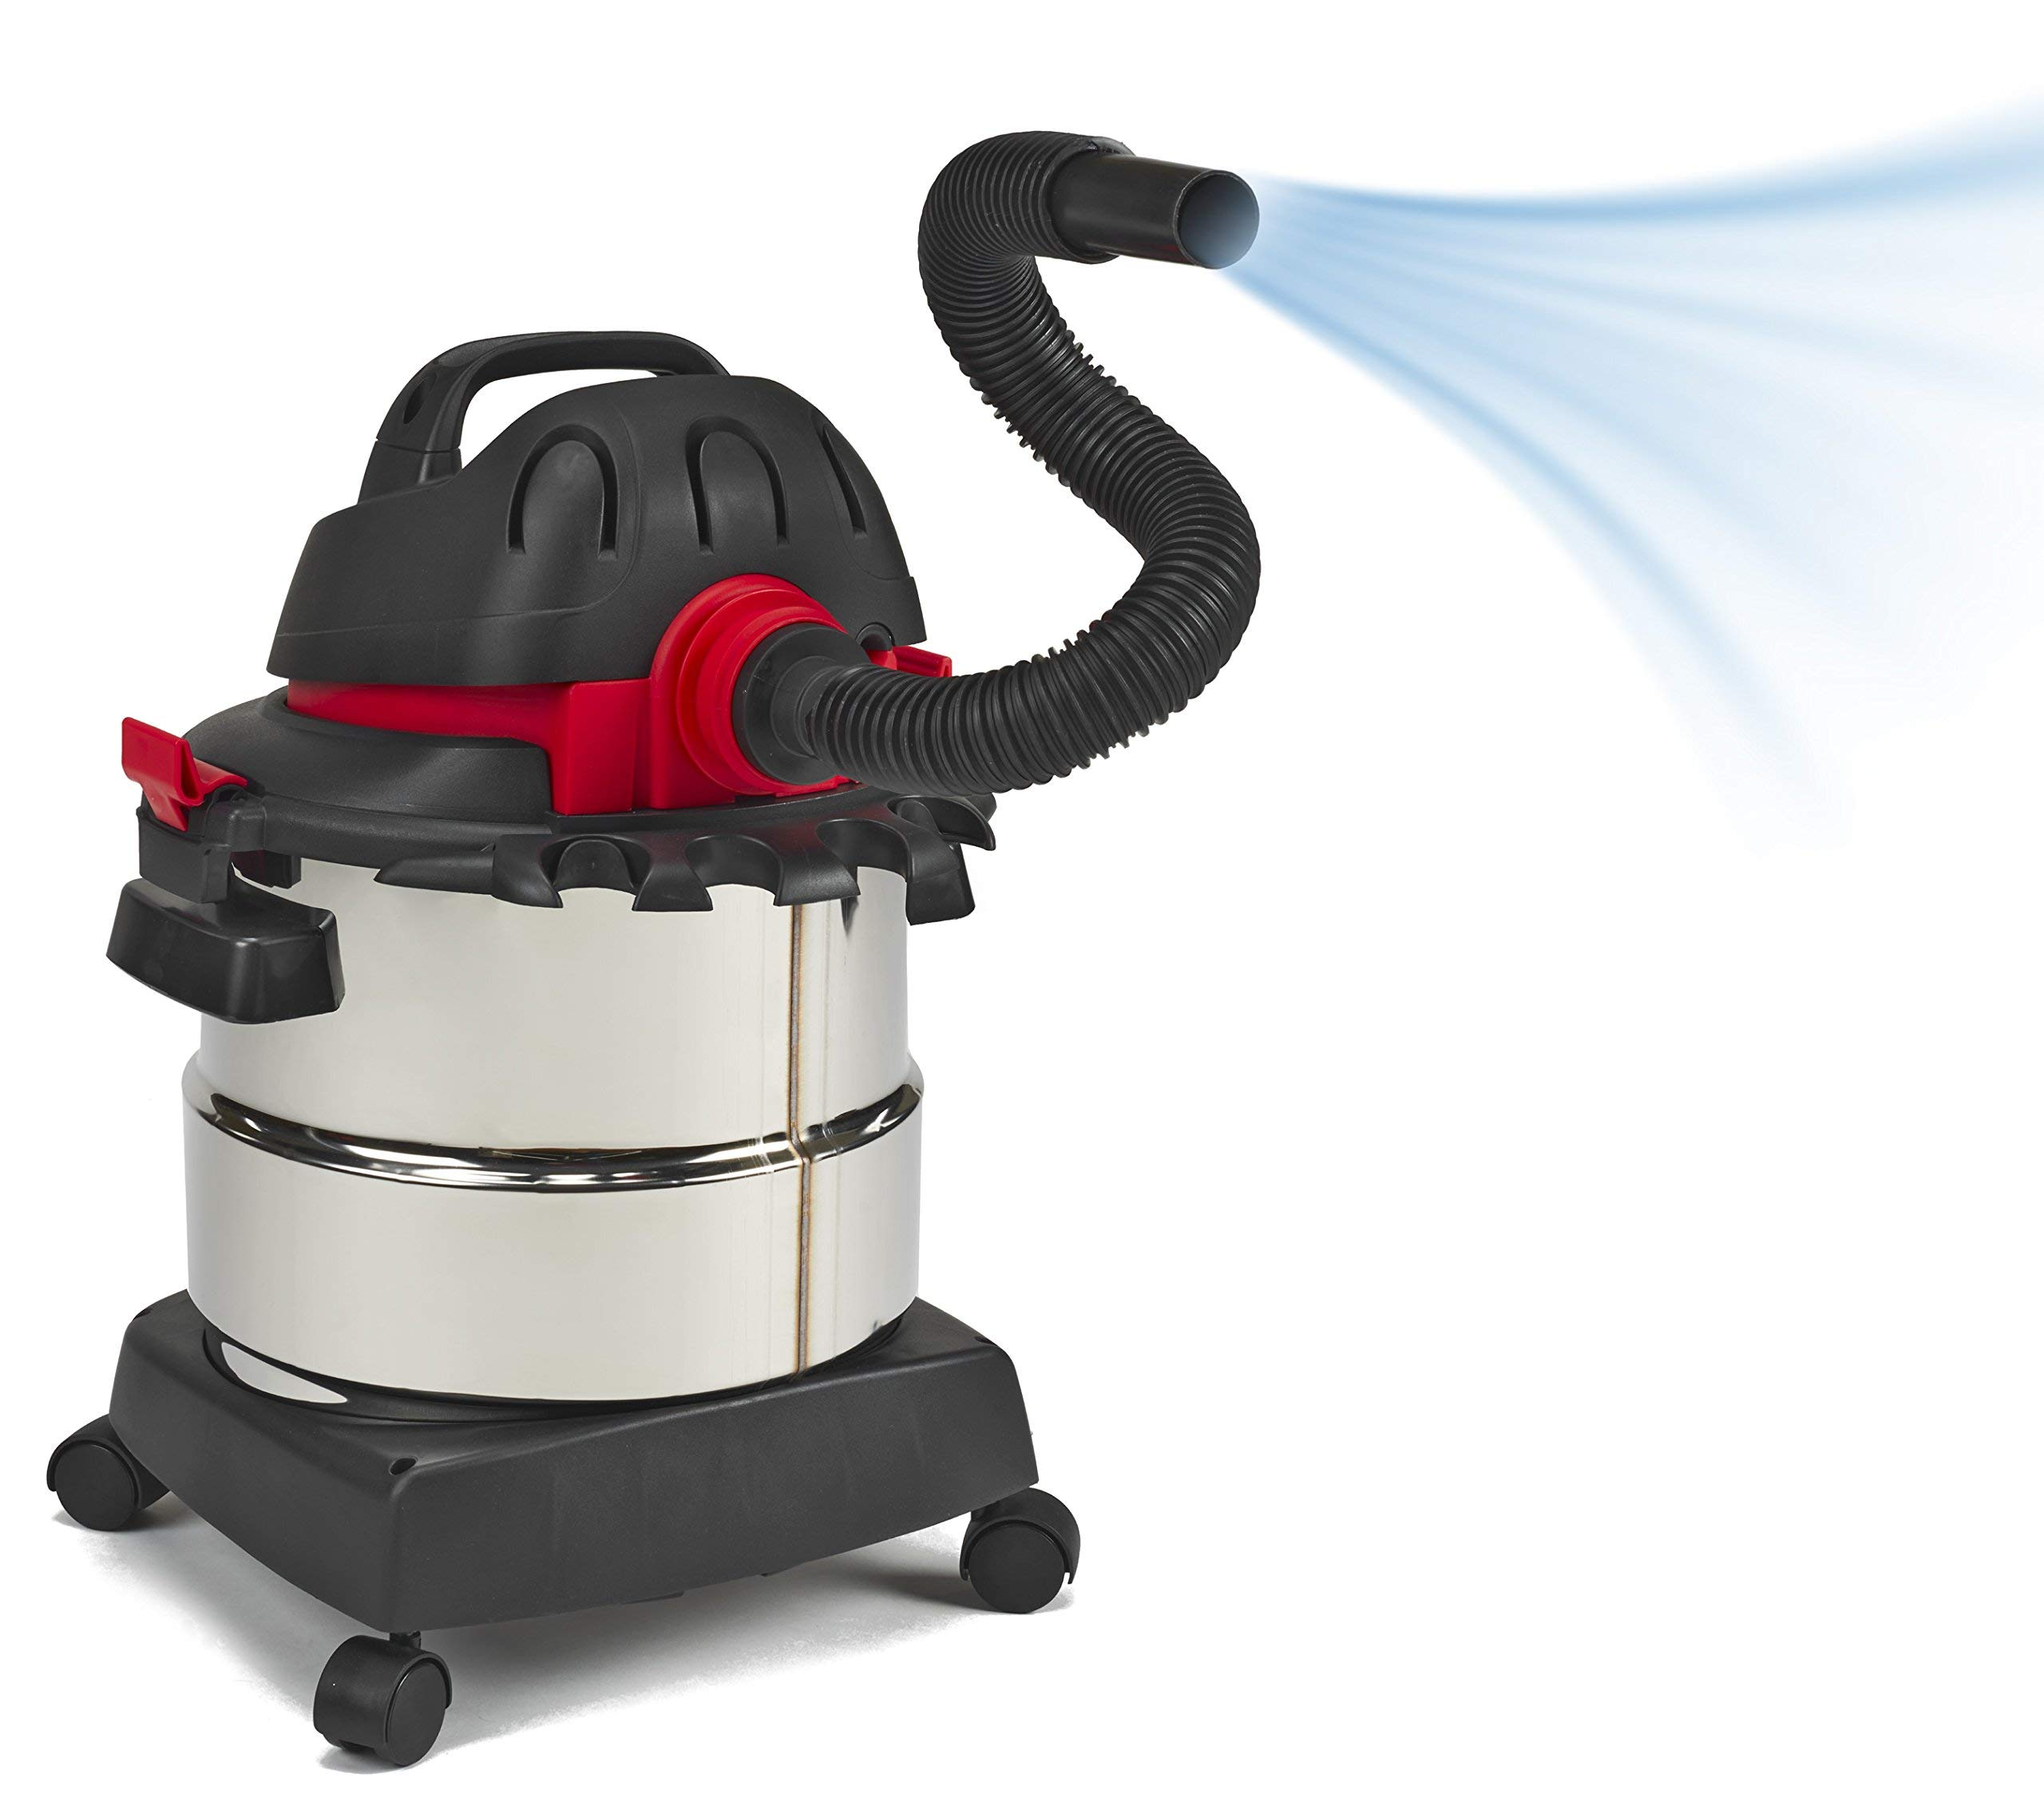 Shop-Vac 5989300 5-Gallon 4.5 Peak HP Stainless Steel Wet Dry Vacuum (Renewed) by Shop-Vac (Image #7)